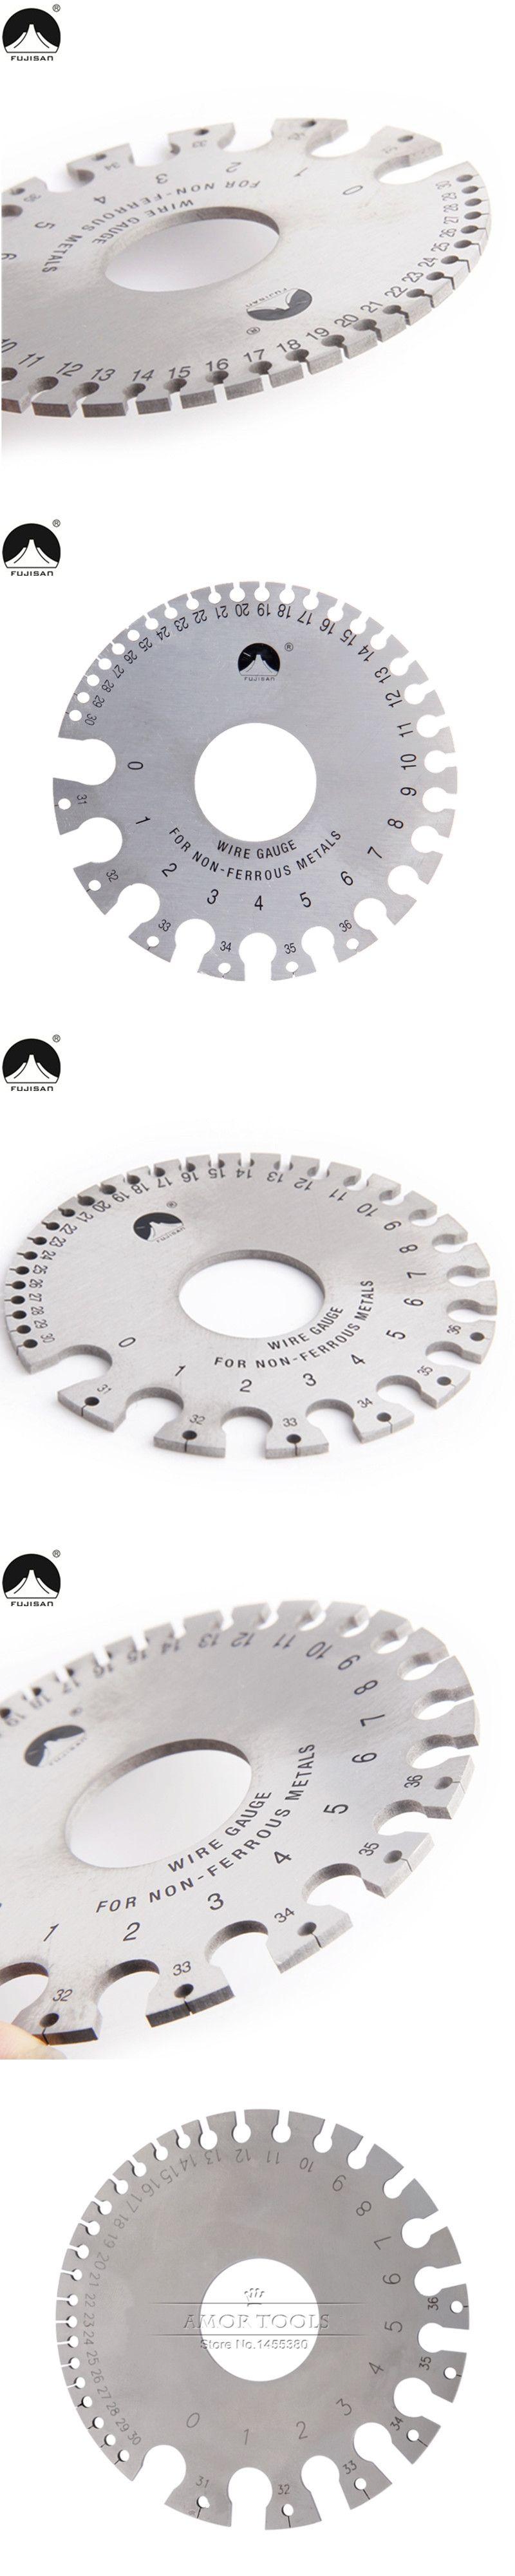 Round Wire Gauge 0-36 Diameter Gage Welding Inspection Gauges Inch ...